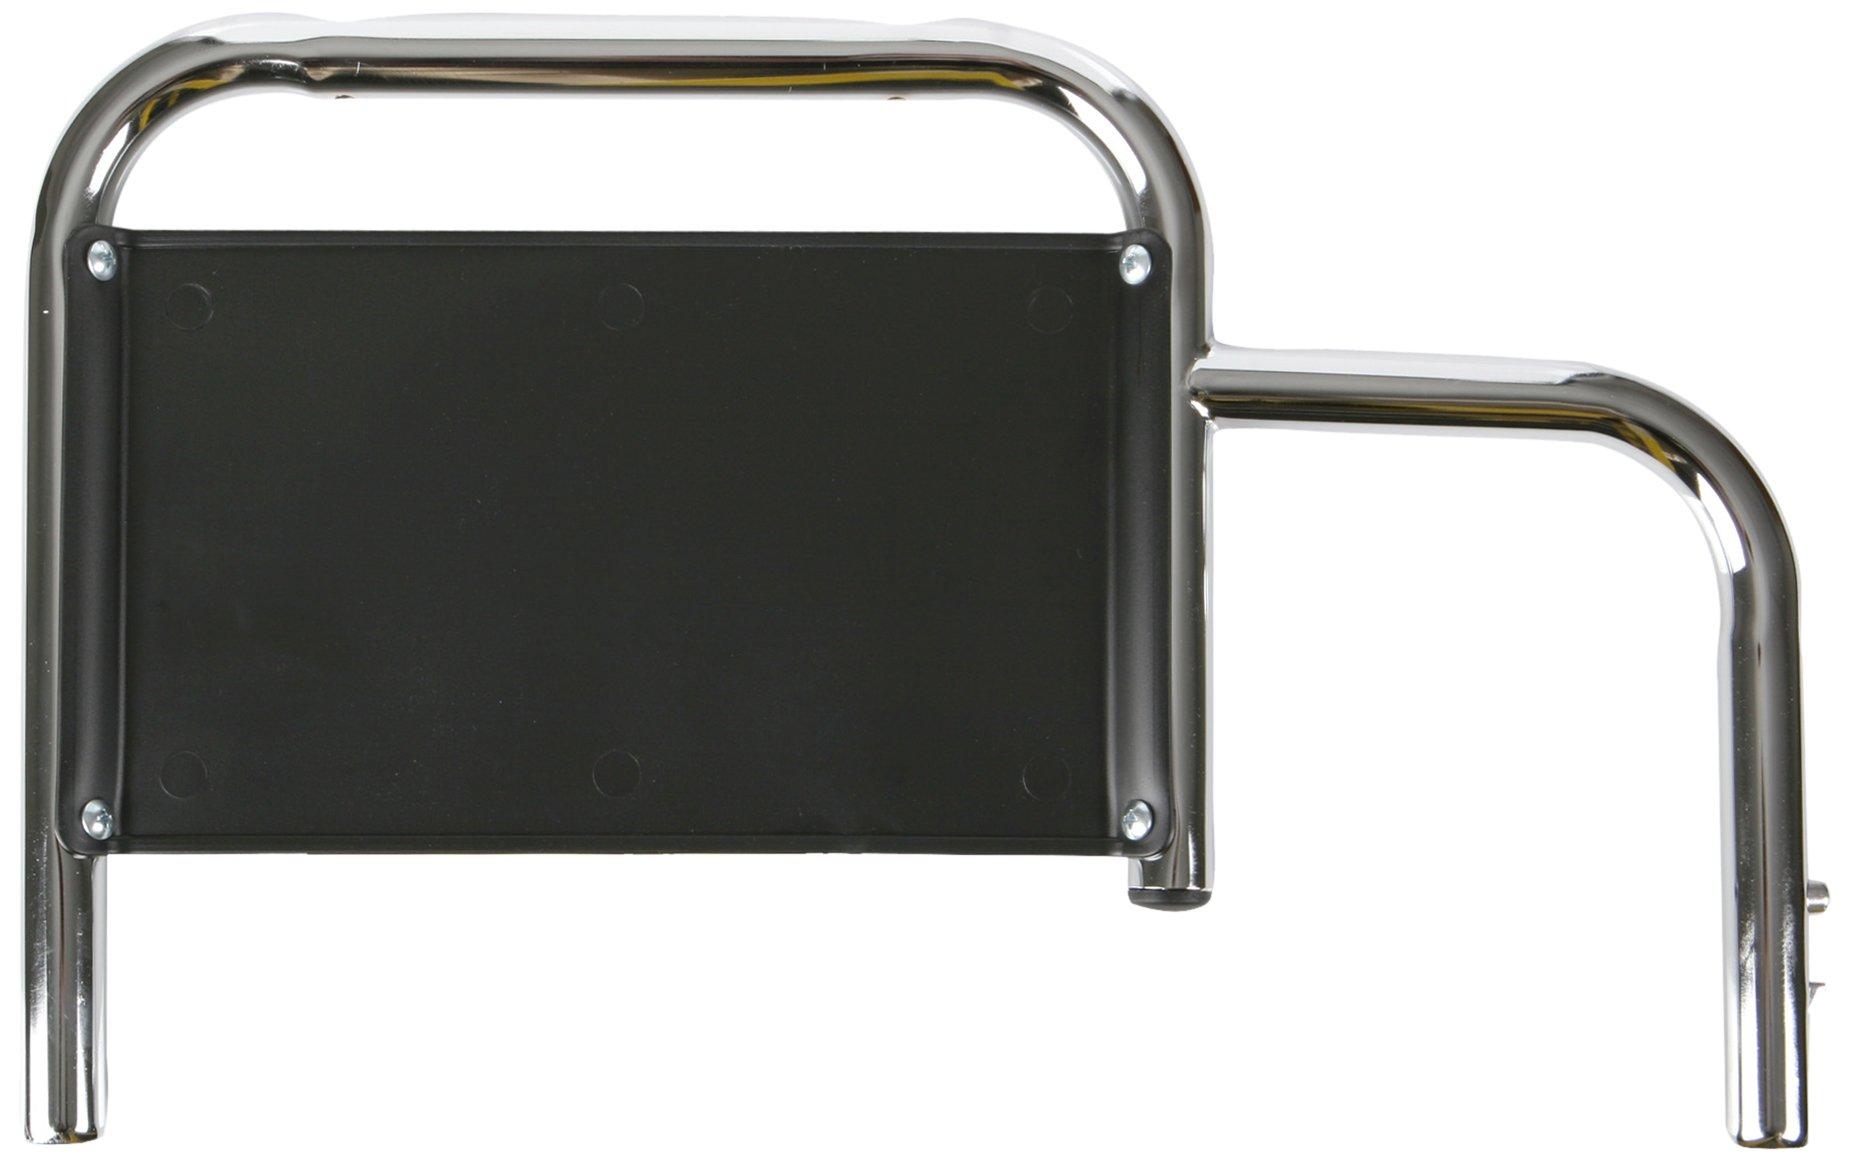 Medline Wheelchair Desk Length Armrest